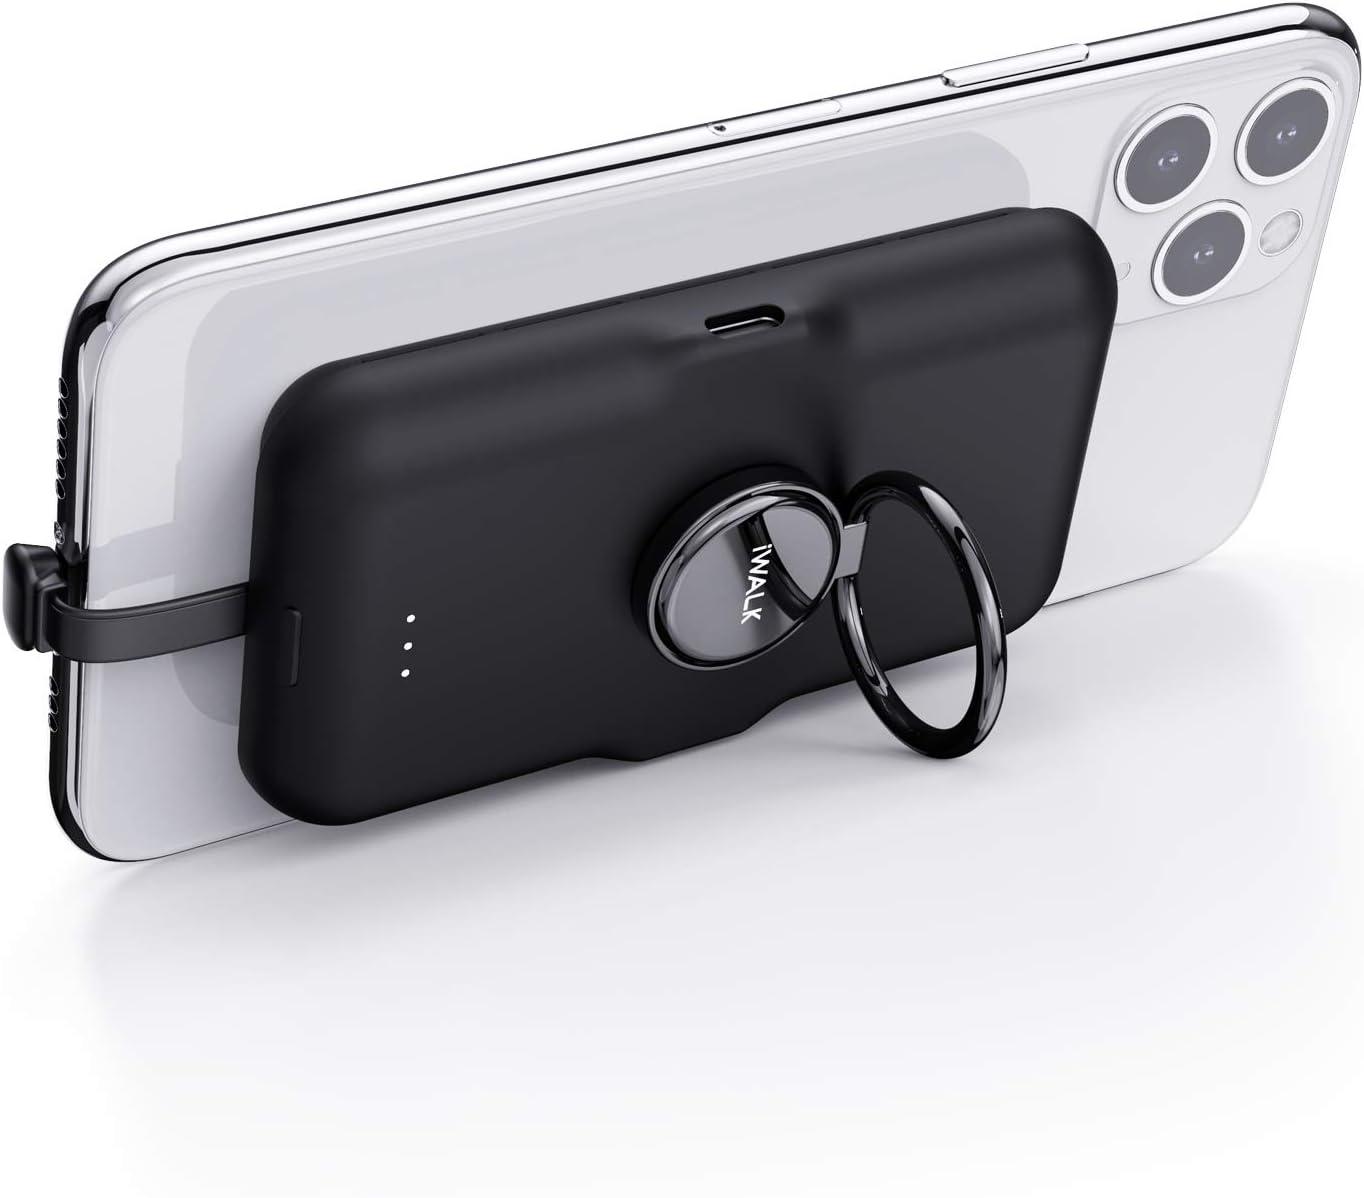 Cargador portátil para iPhone  X/Xs/Xs Max/XR/11 5000mAh